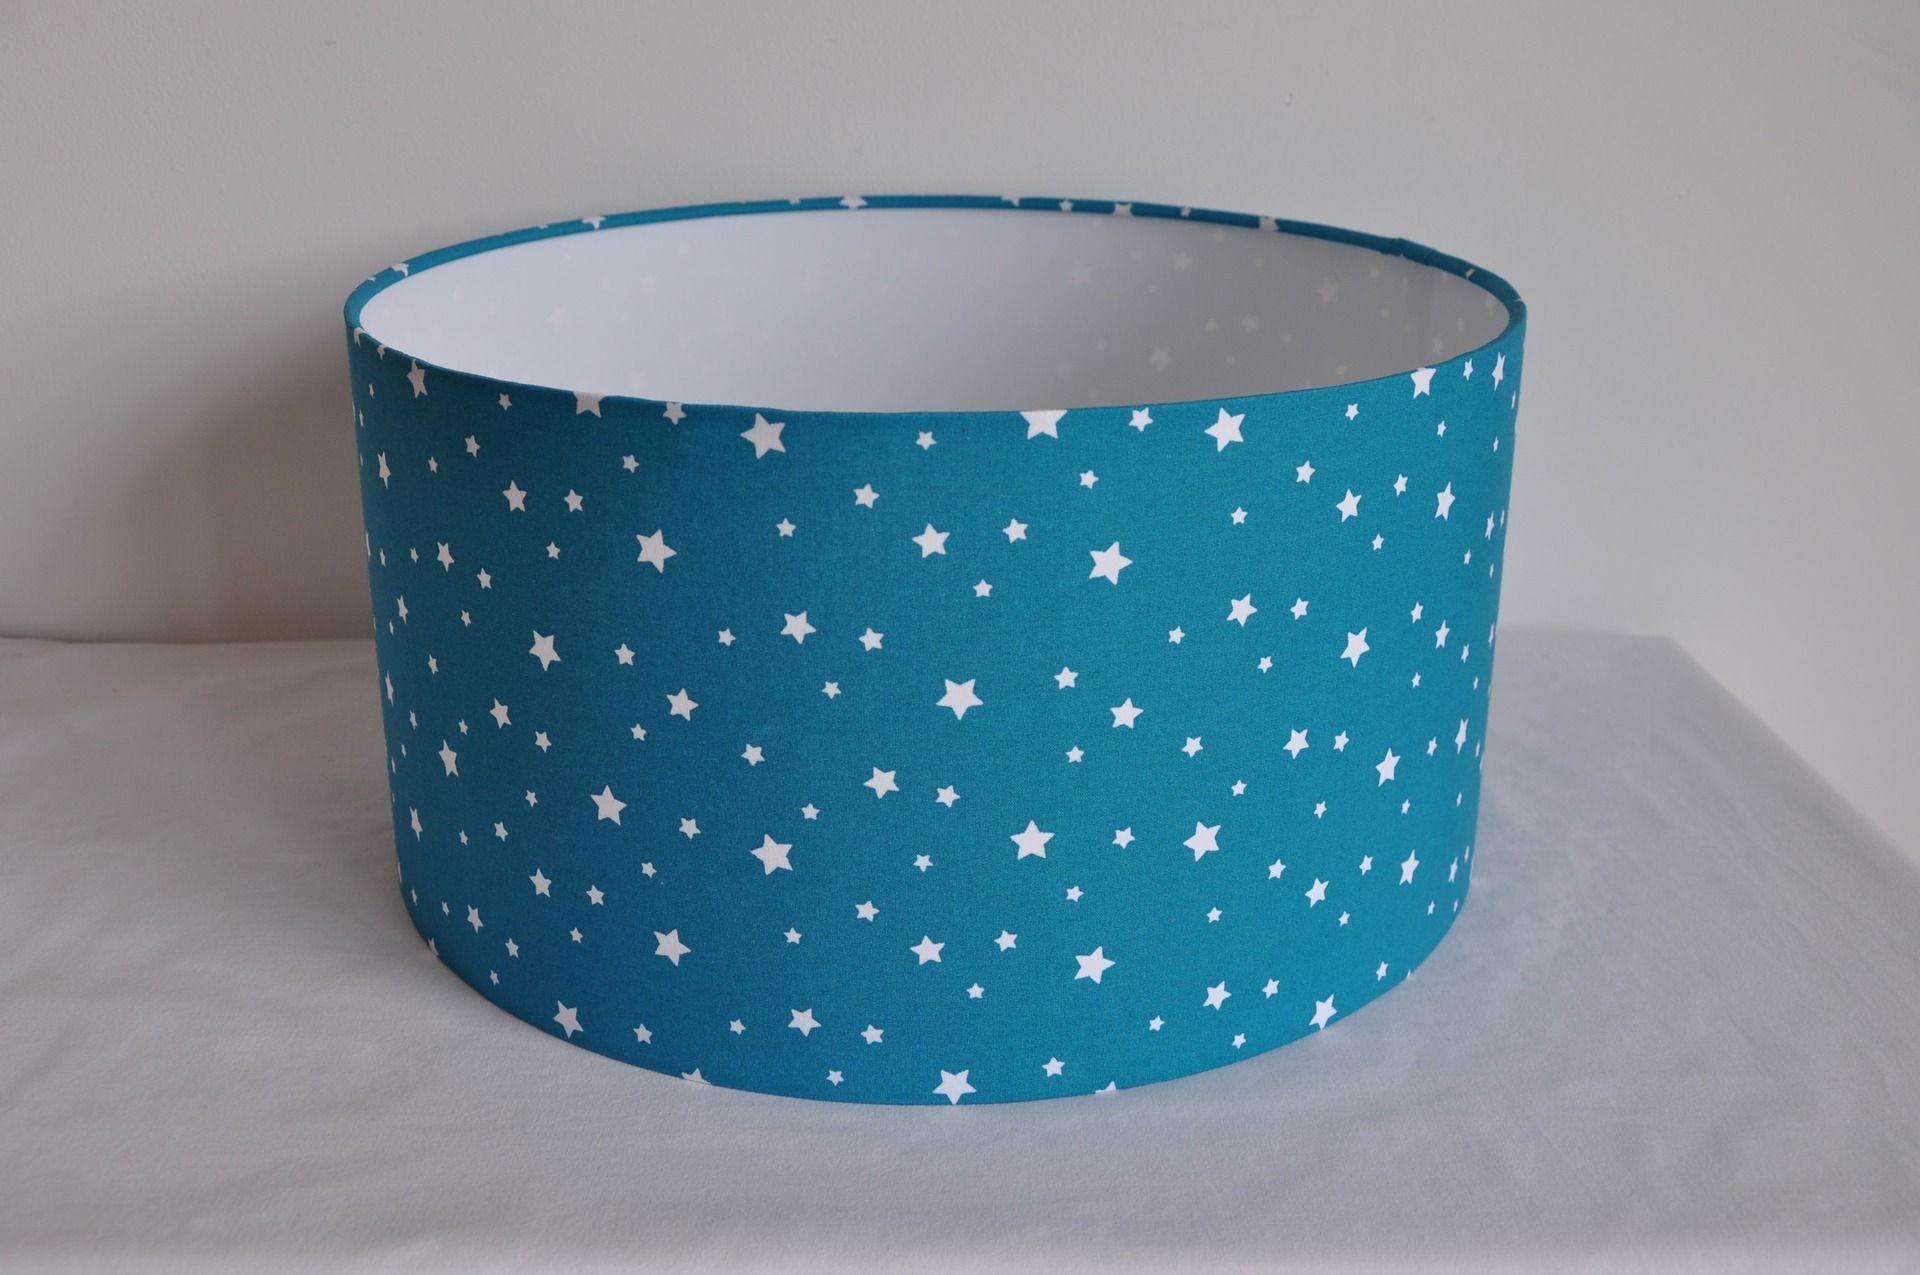 abat jour cylindrique 35 cm - supension - bleu canard -motifs